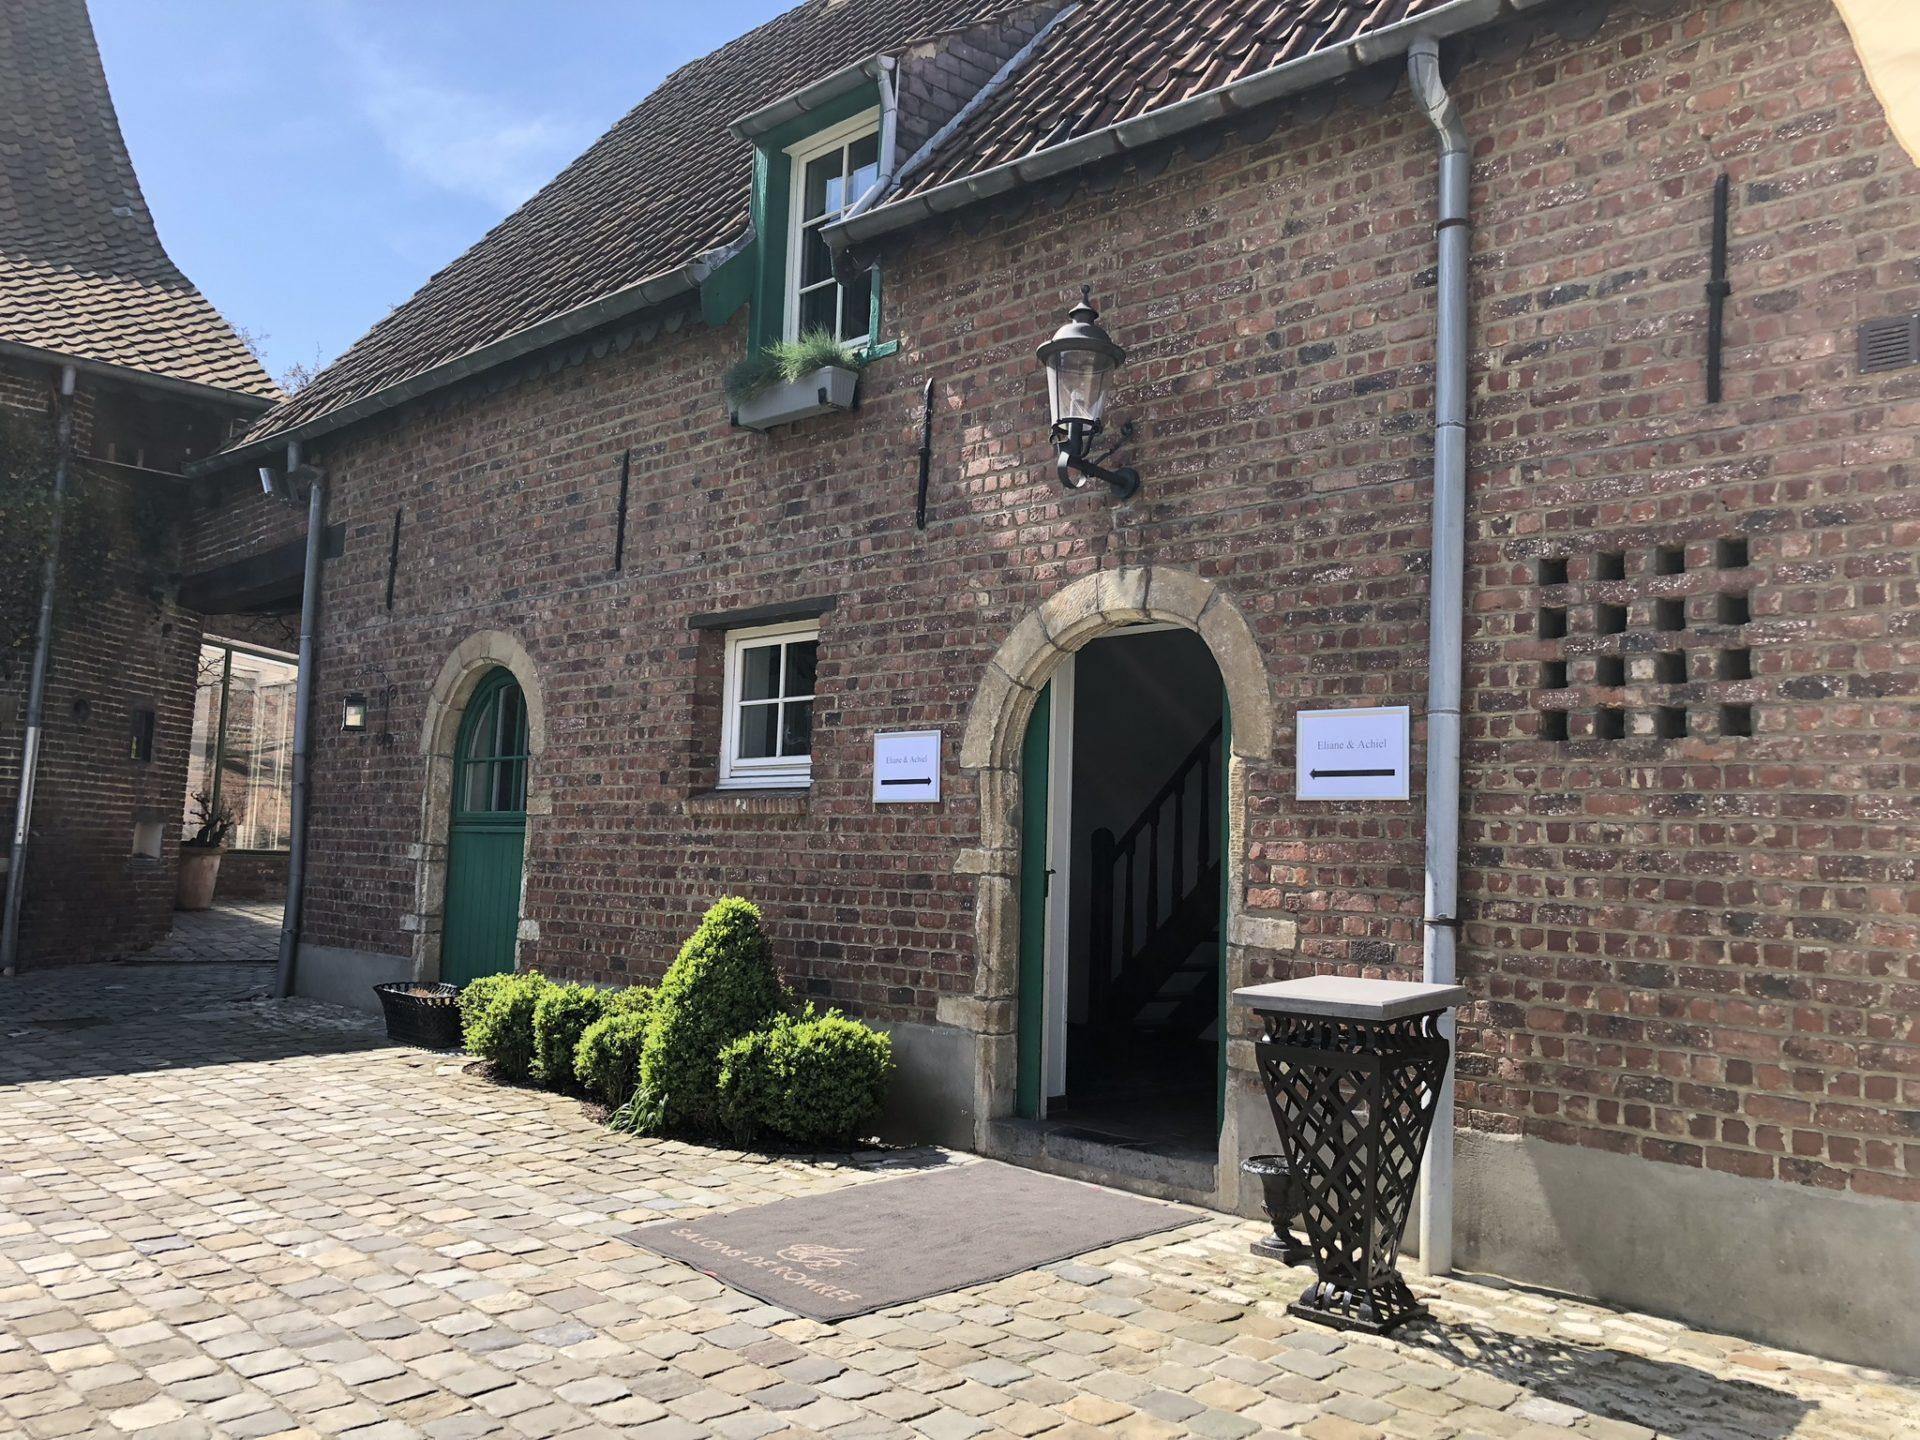 Portiershuis - Salons de Romree